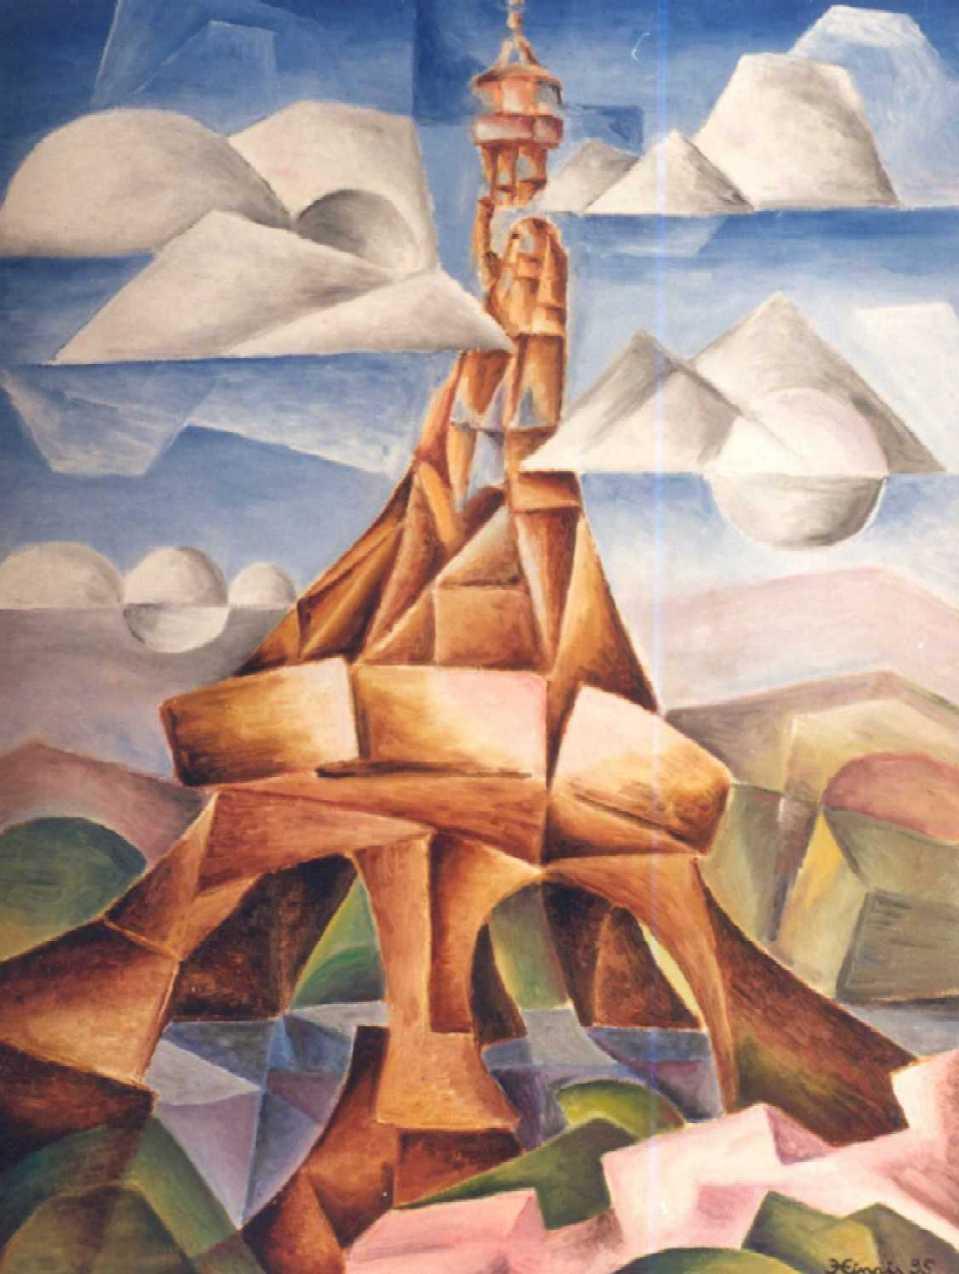 rozhledna - Jan Hinais - kubistické obrazy